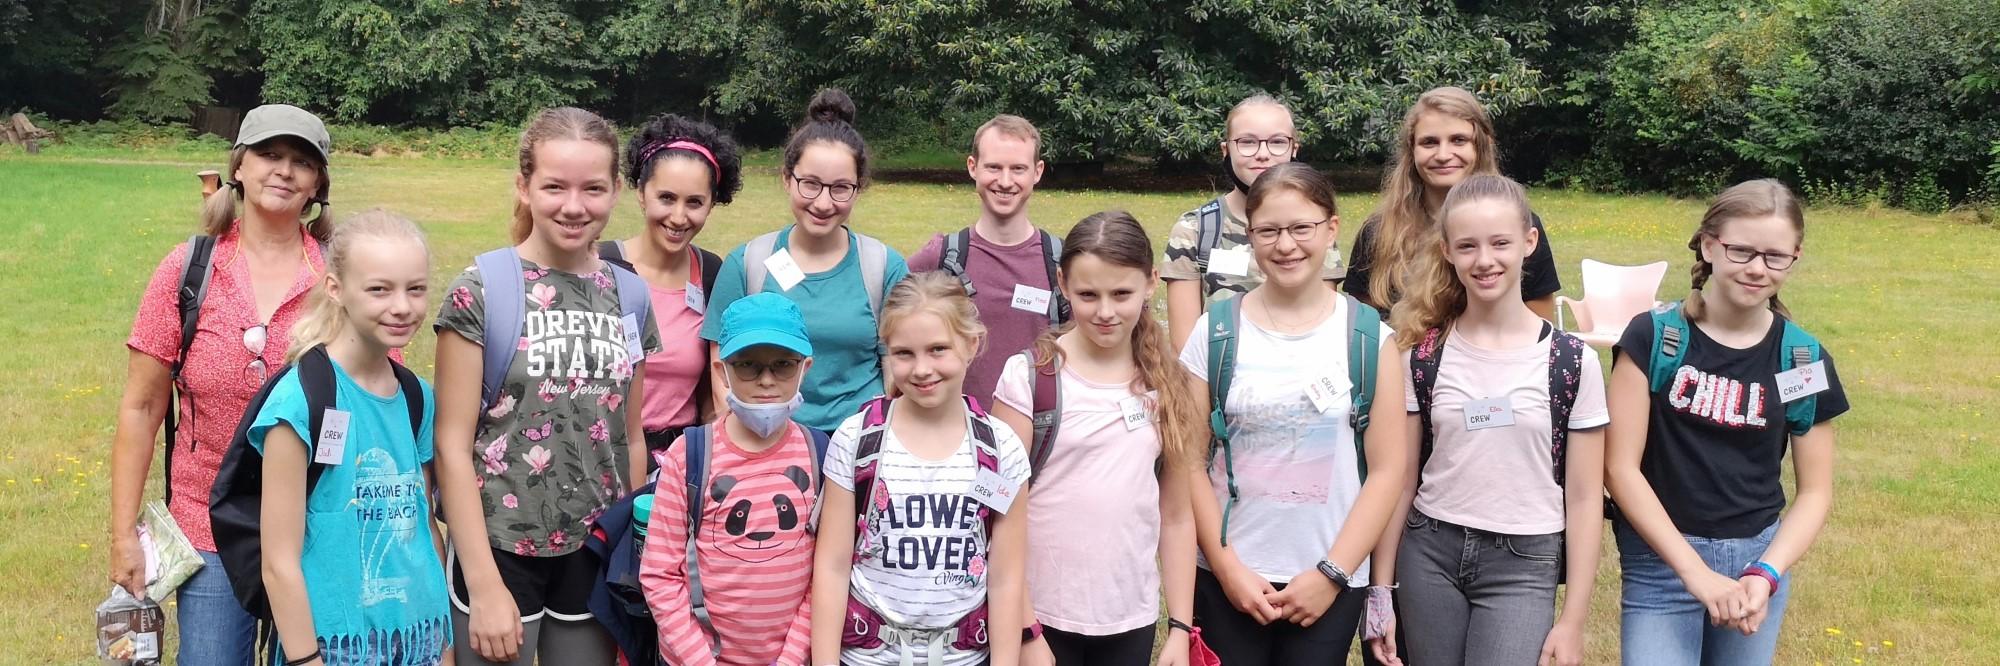 Gruppenfoto von Kinder-Wandergruppe